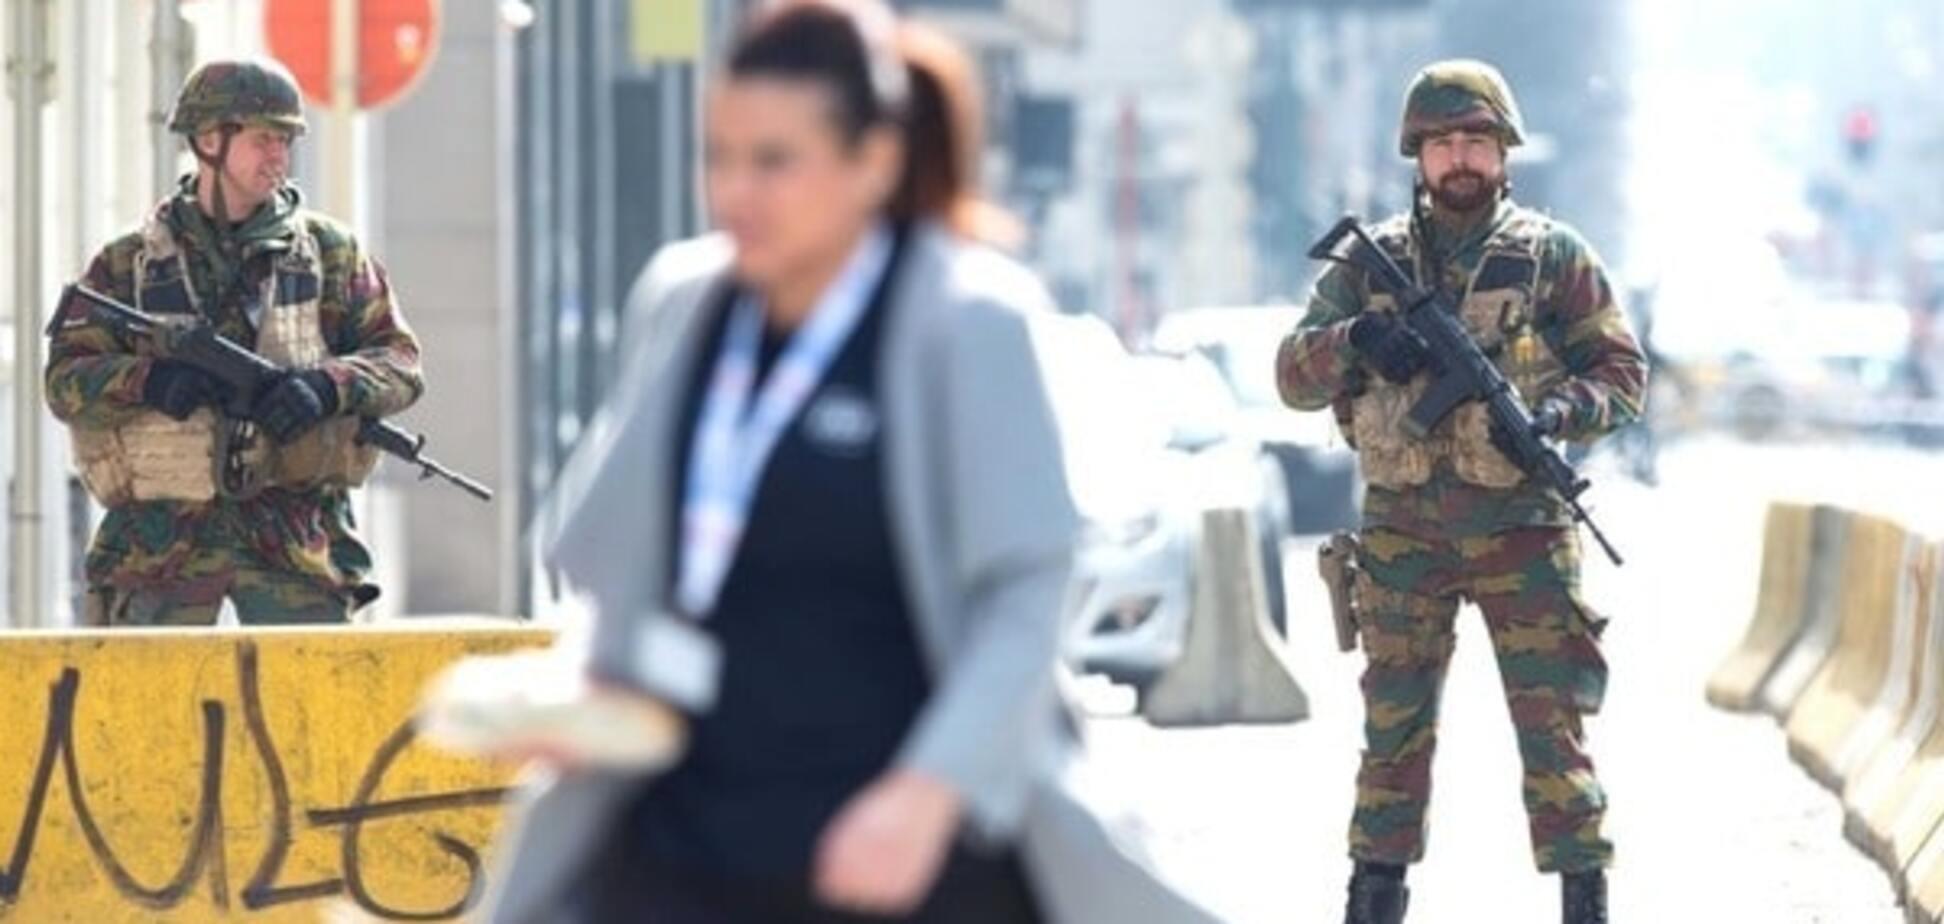 Сила и слабость демократии: эксперт рассказал, почему свободному миру сложно противостоять террористам